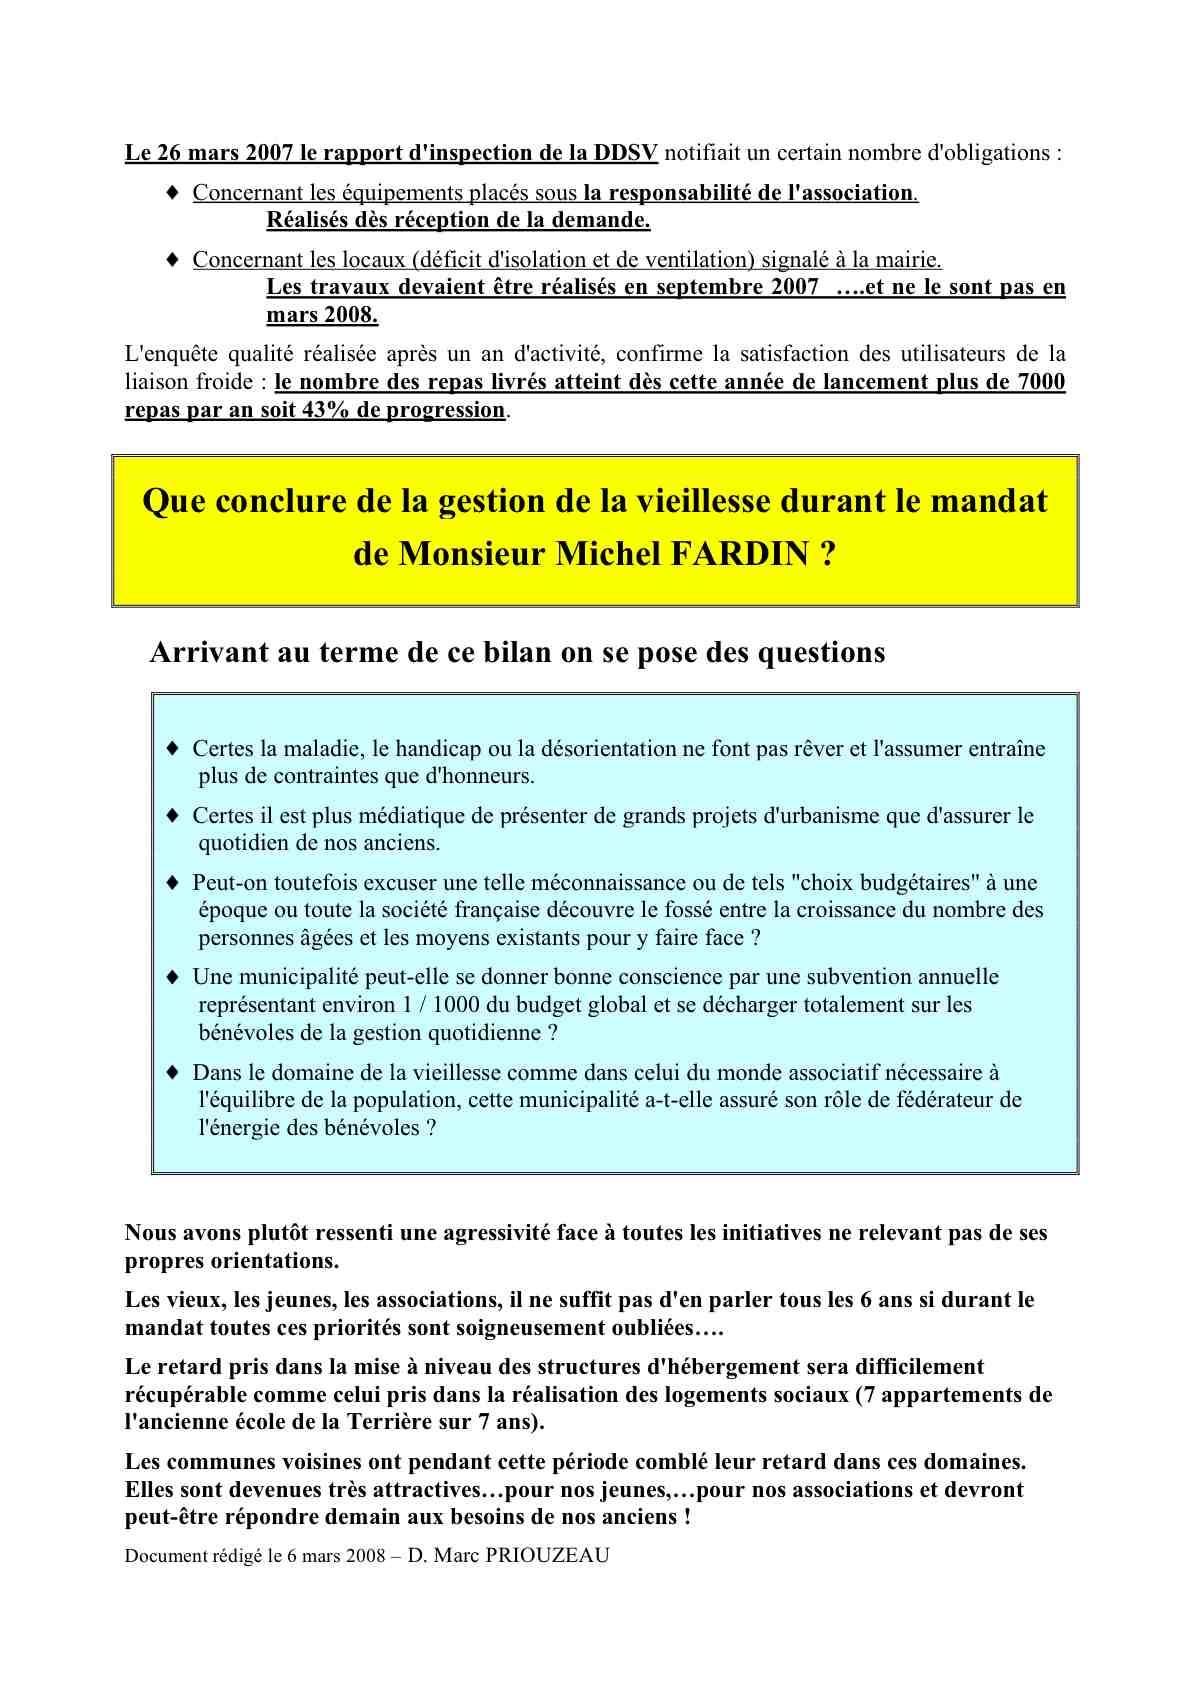 V11 PDF 11JPEG.jpg